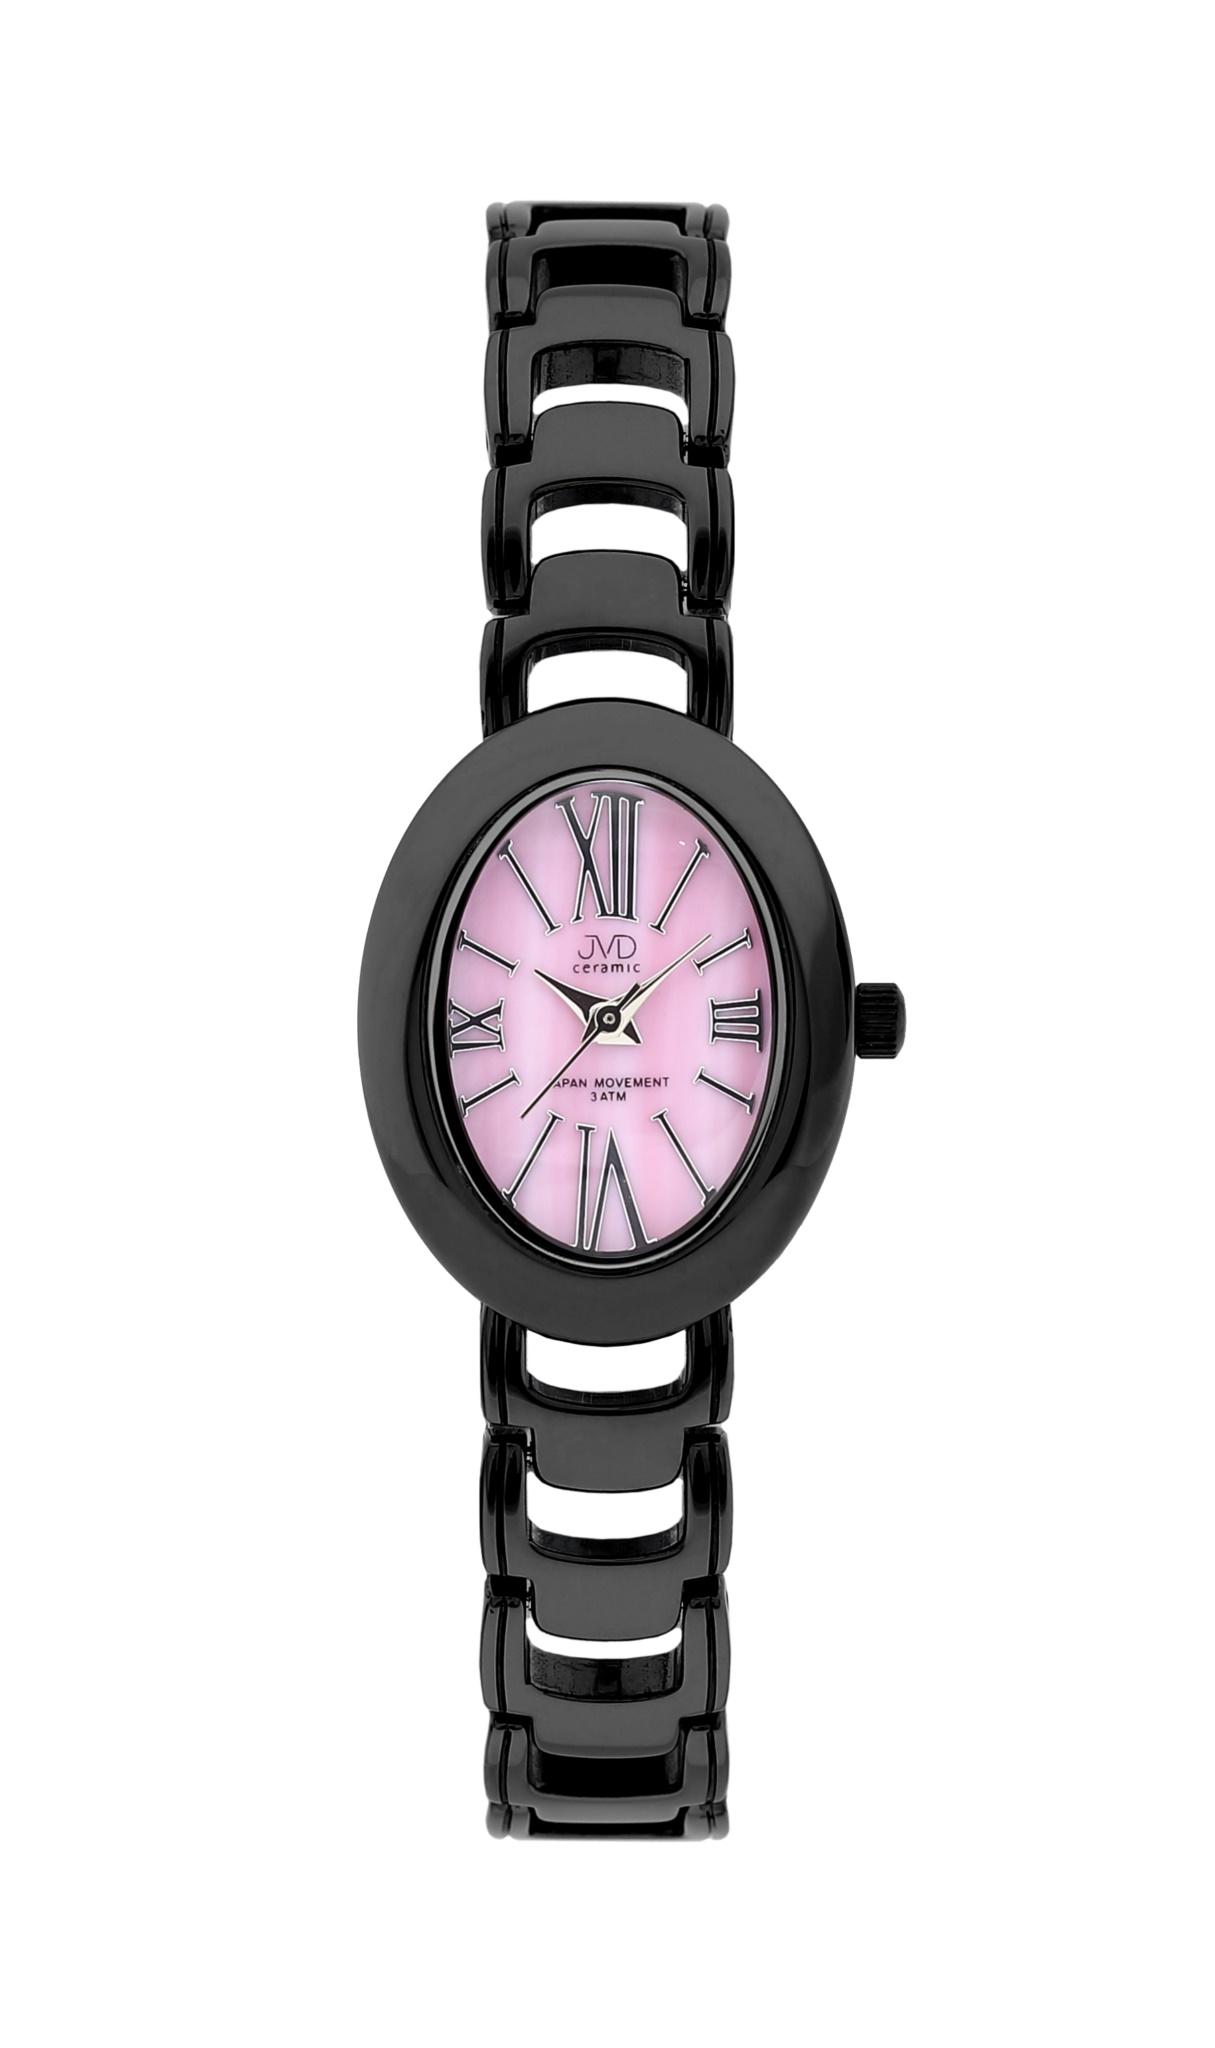 Luxusní keramické dámské náramkové hodinky JVD ceramic J6010.1 (POŠTOVNÉ ZDARMA!!)